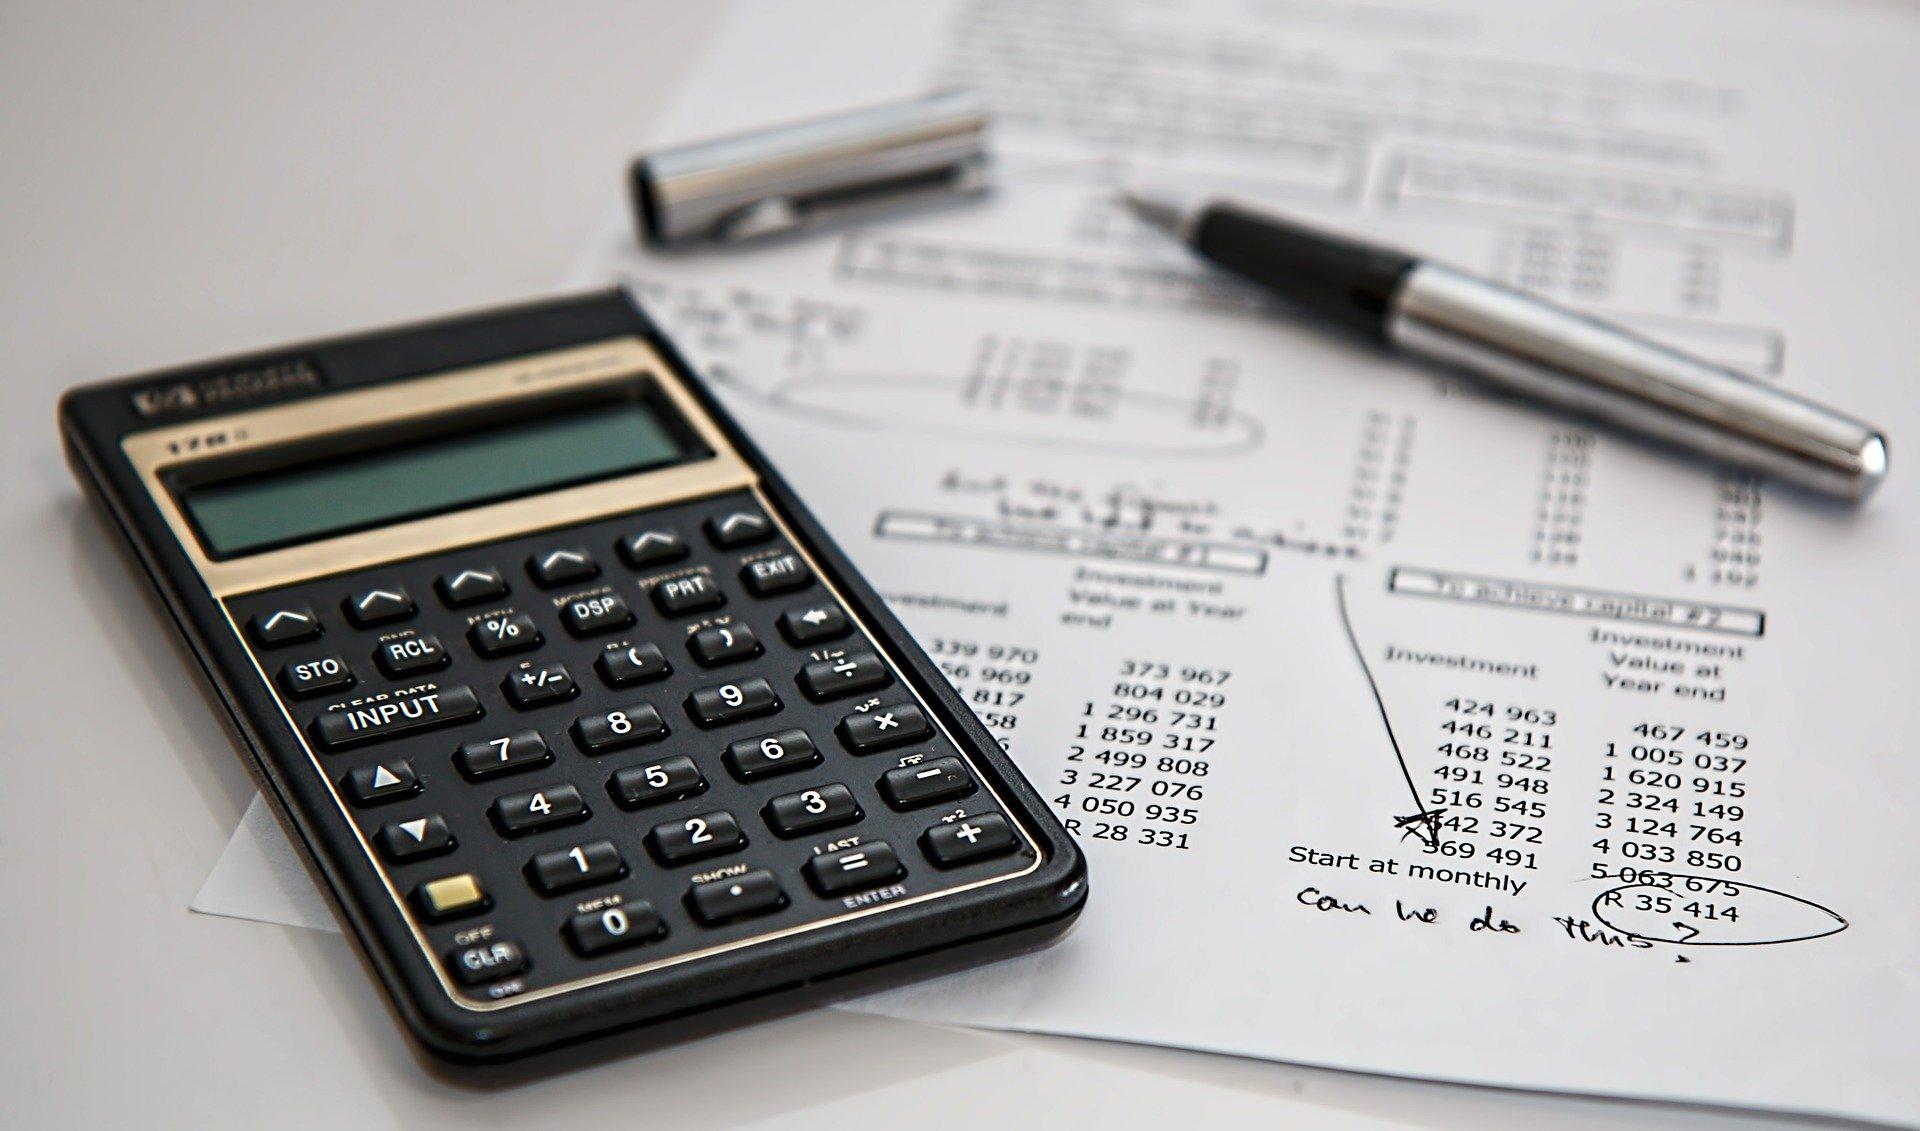 Image du domaine Bancaire et Financier. Eu Coordination agence de traduction de documents pour la Banque et la Finance.